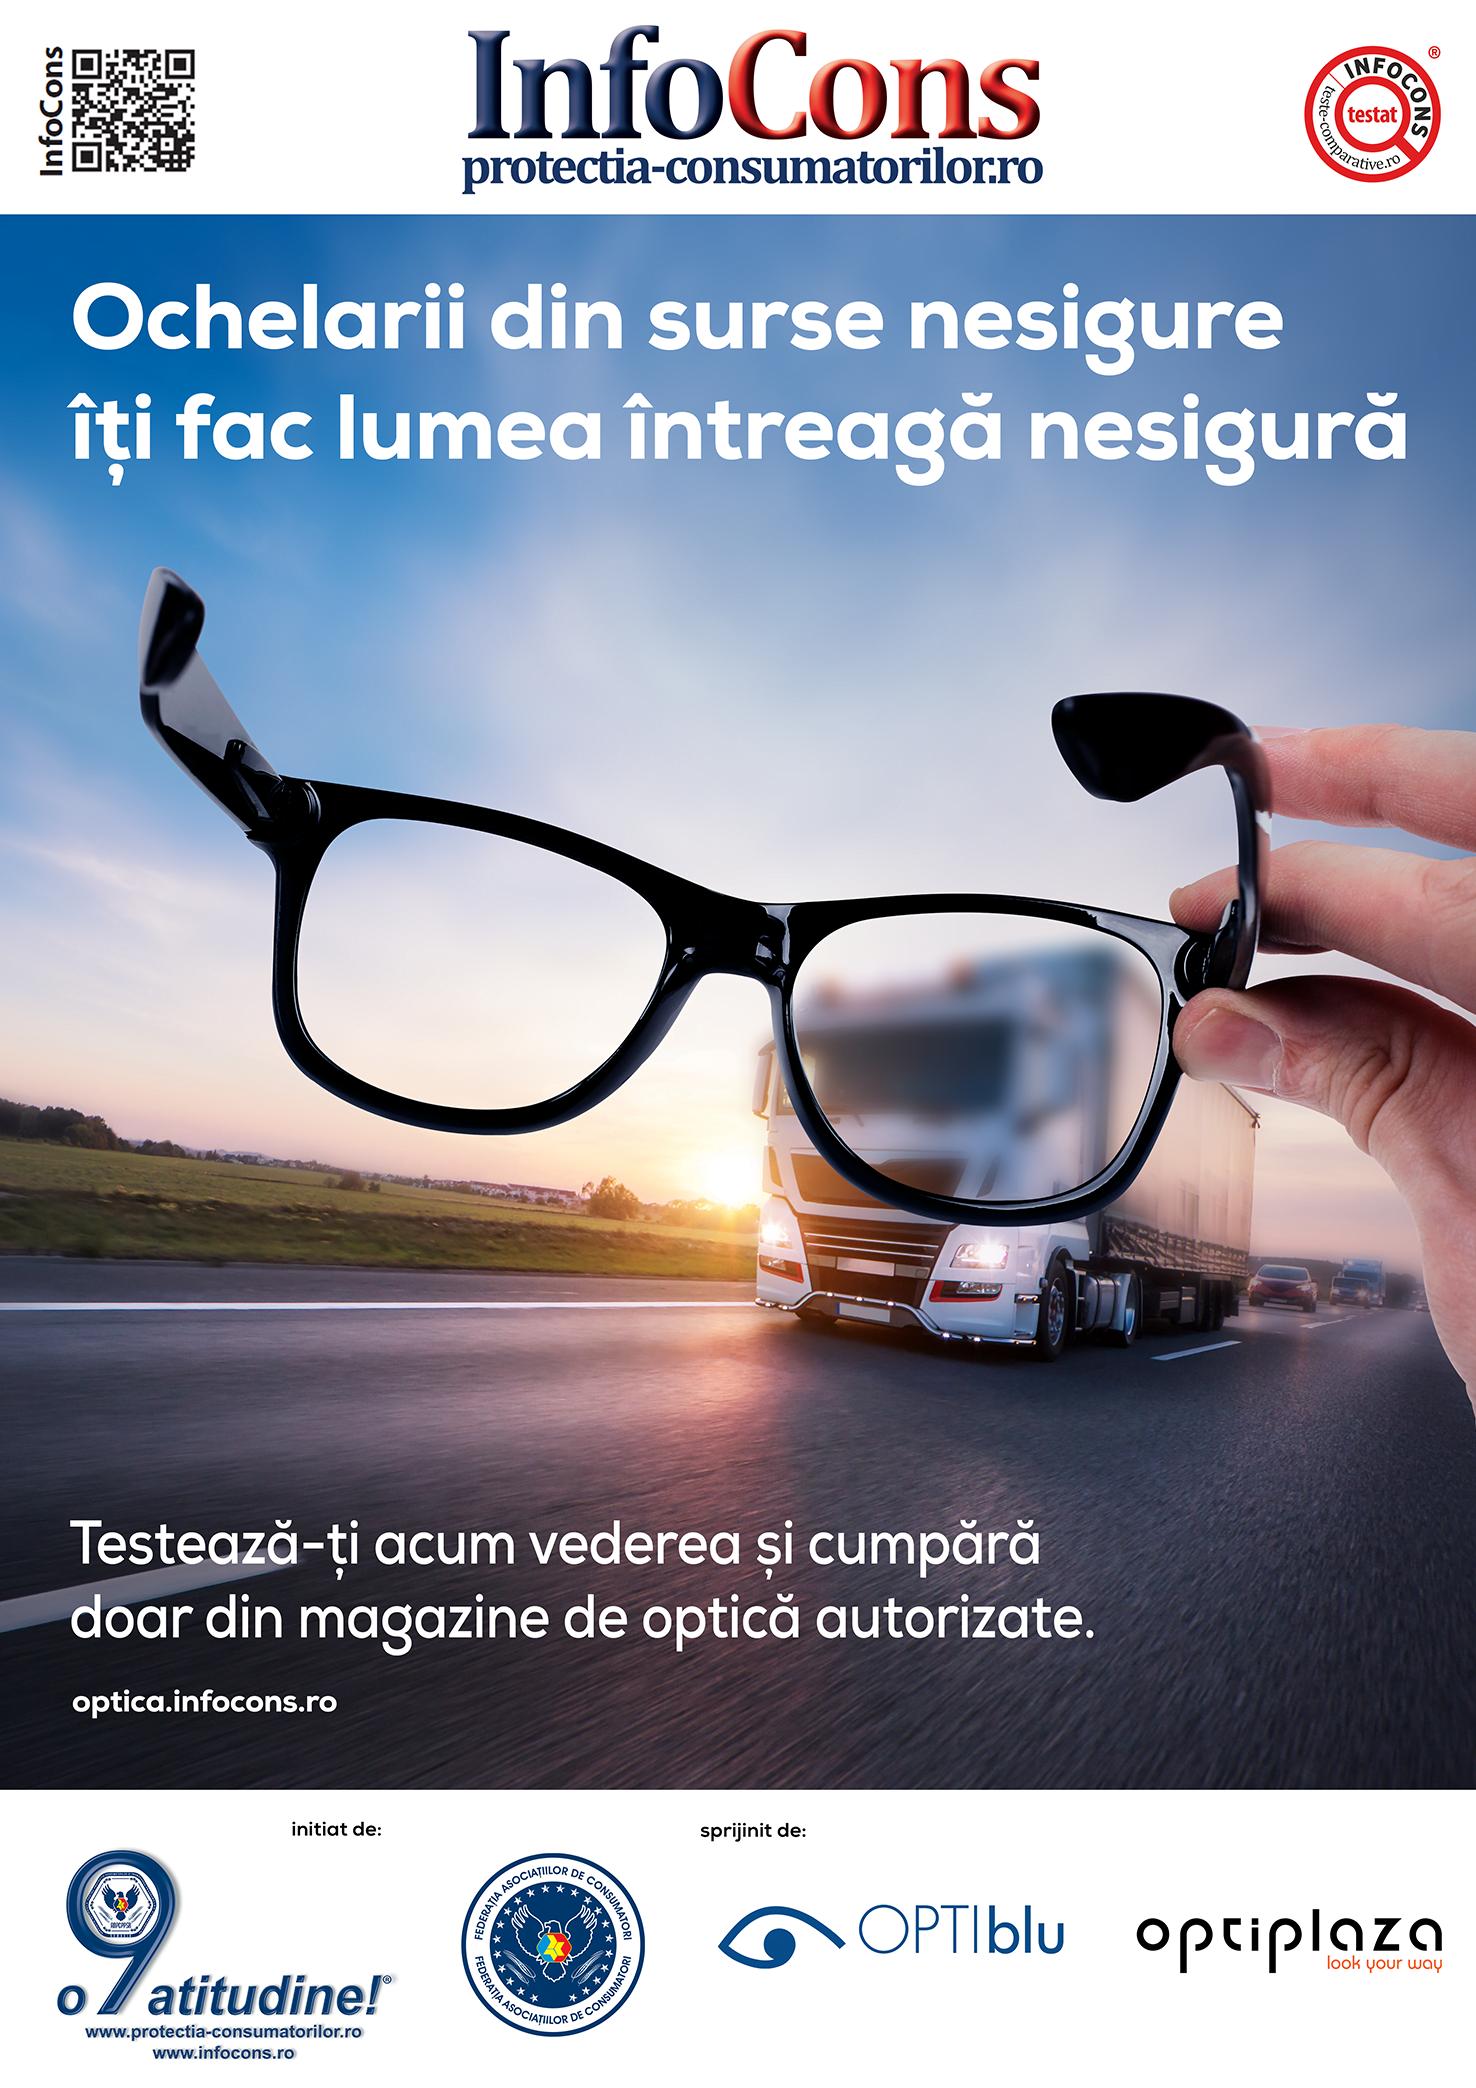 InfoCons - protectia cosnumatorilor protectia consumatorului - ochelarii